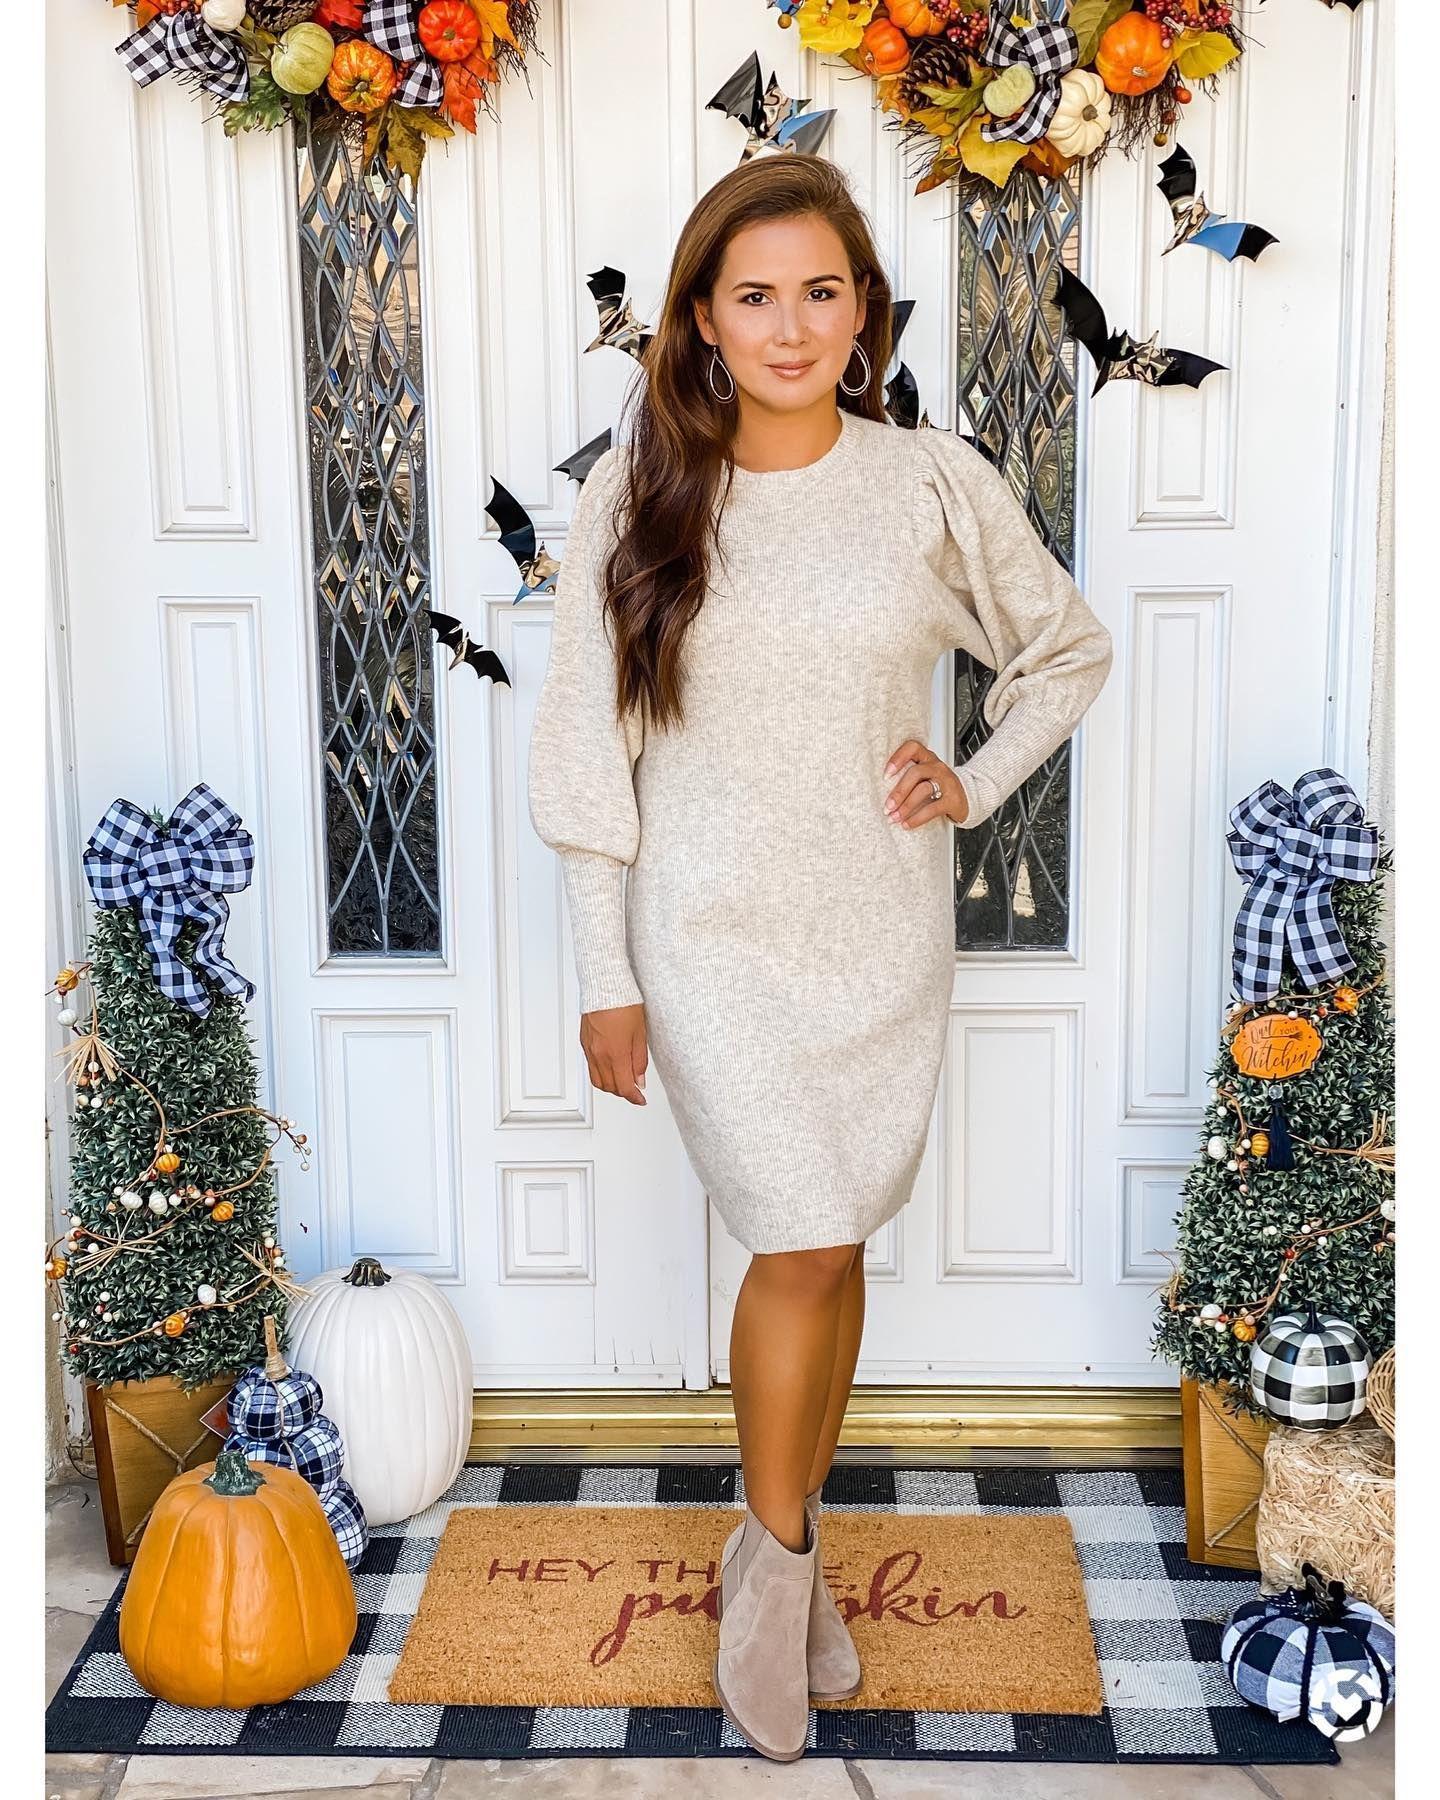 Targetstyle Dianabmattar Women Long Sleeve Dress Long Sleeve Sweater Dress Sweater Dress [ 1800 x 1440 Pixel ]